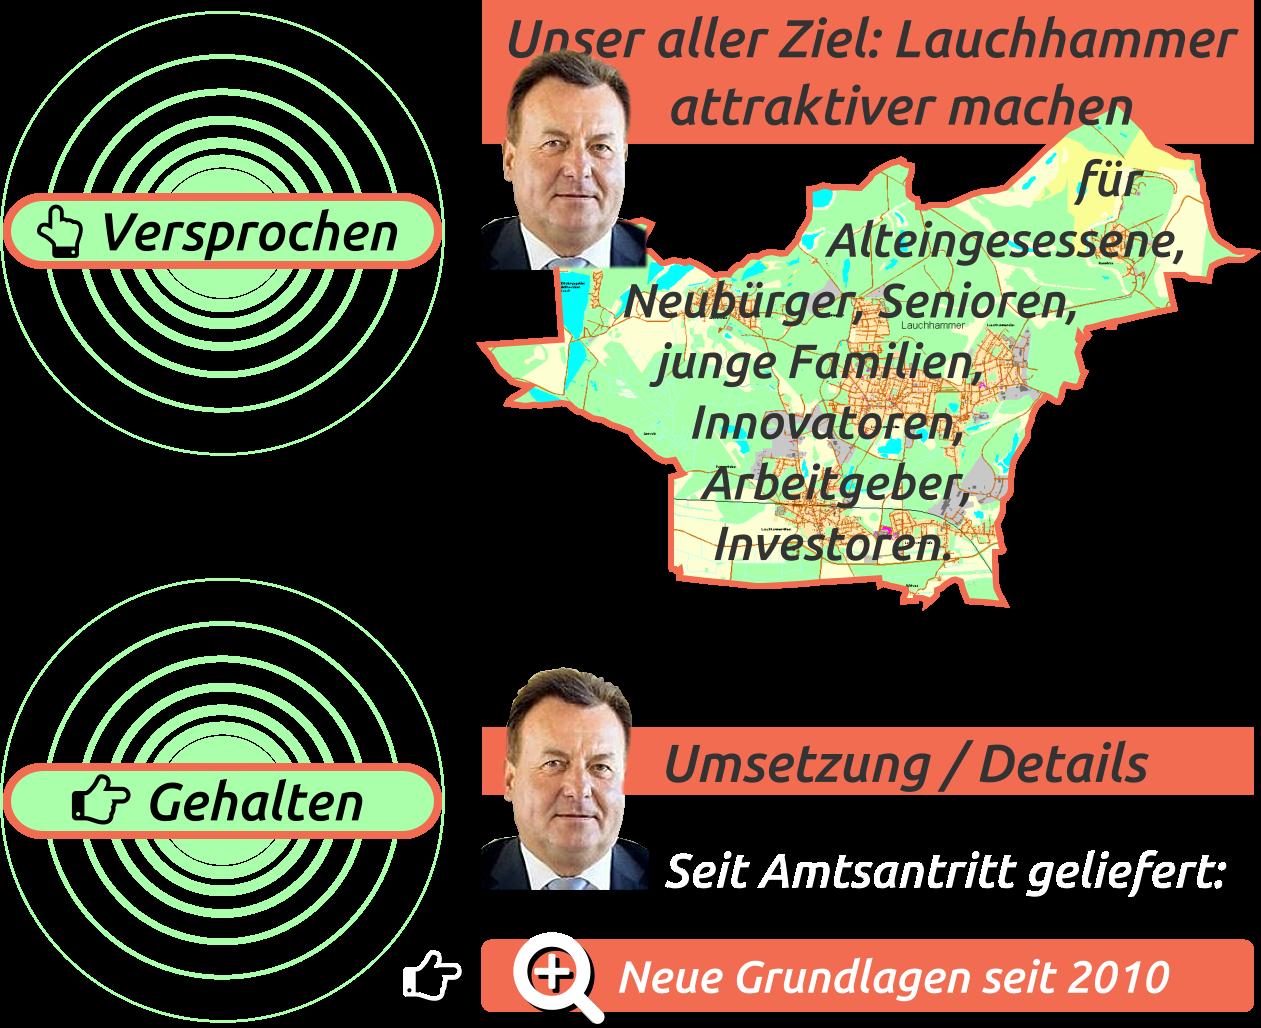 Roland Pohlenz_Ziele und Umsetzung_21n